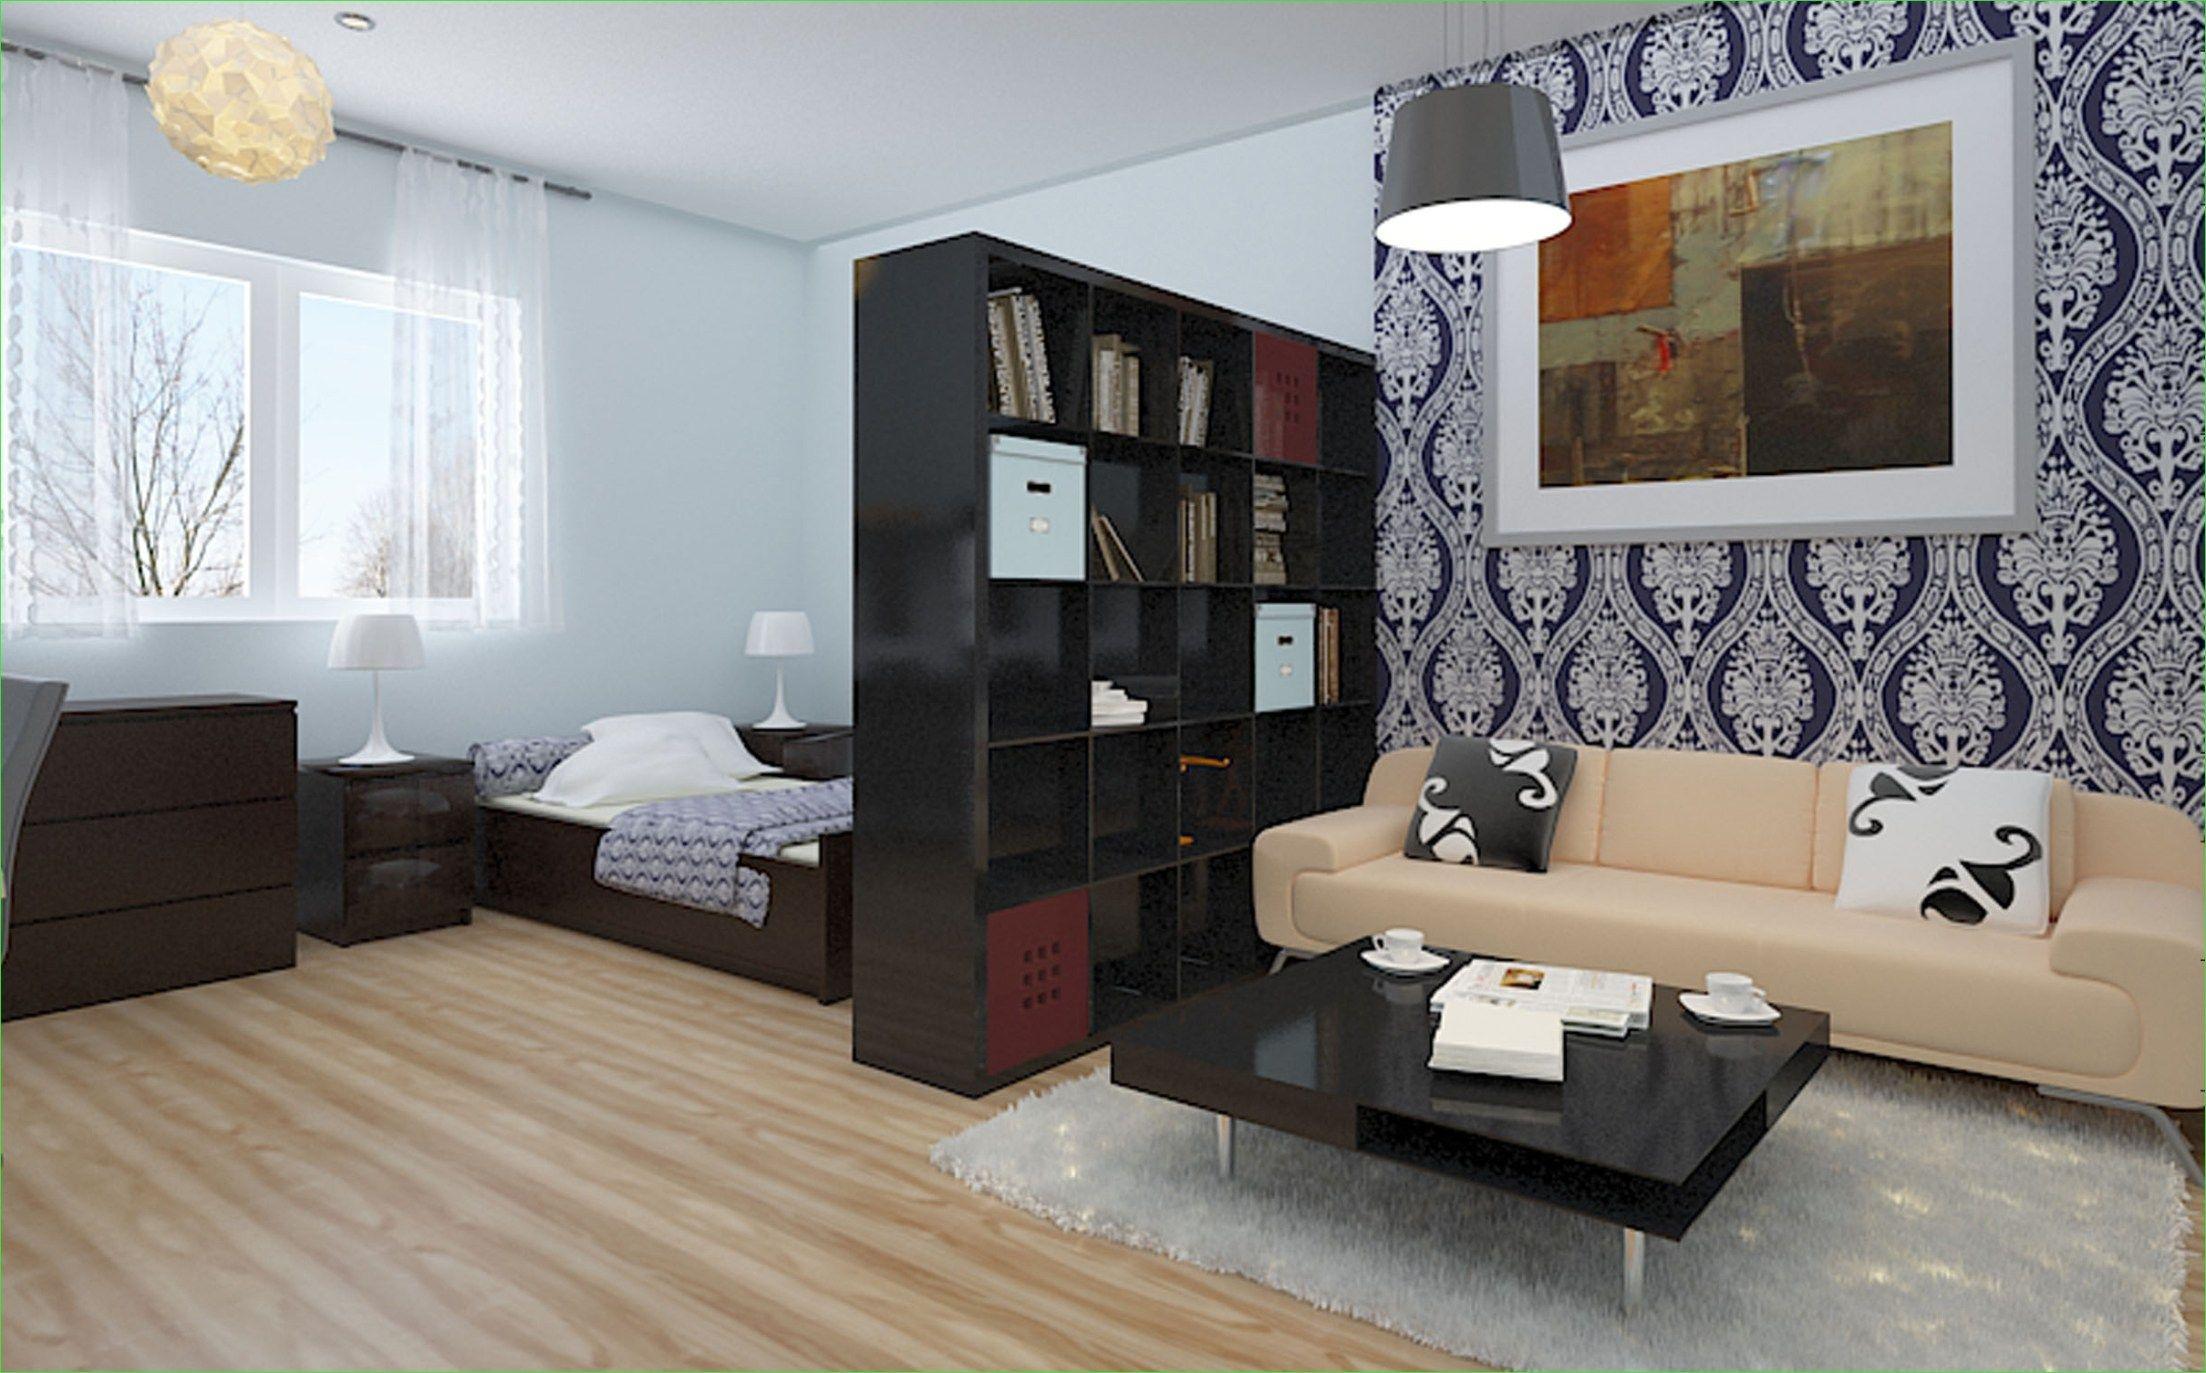 46 awesome minimalist studio apartment interior design